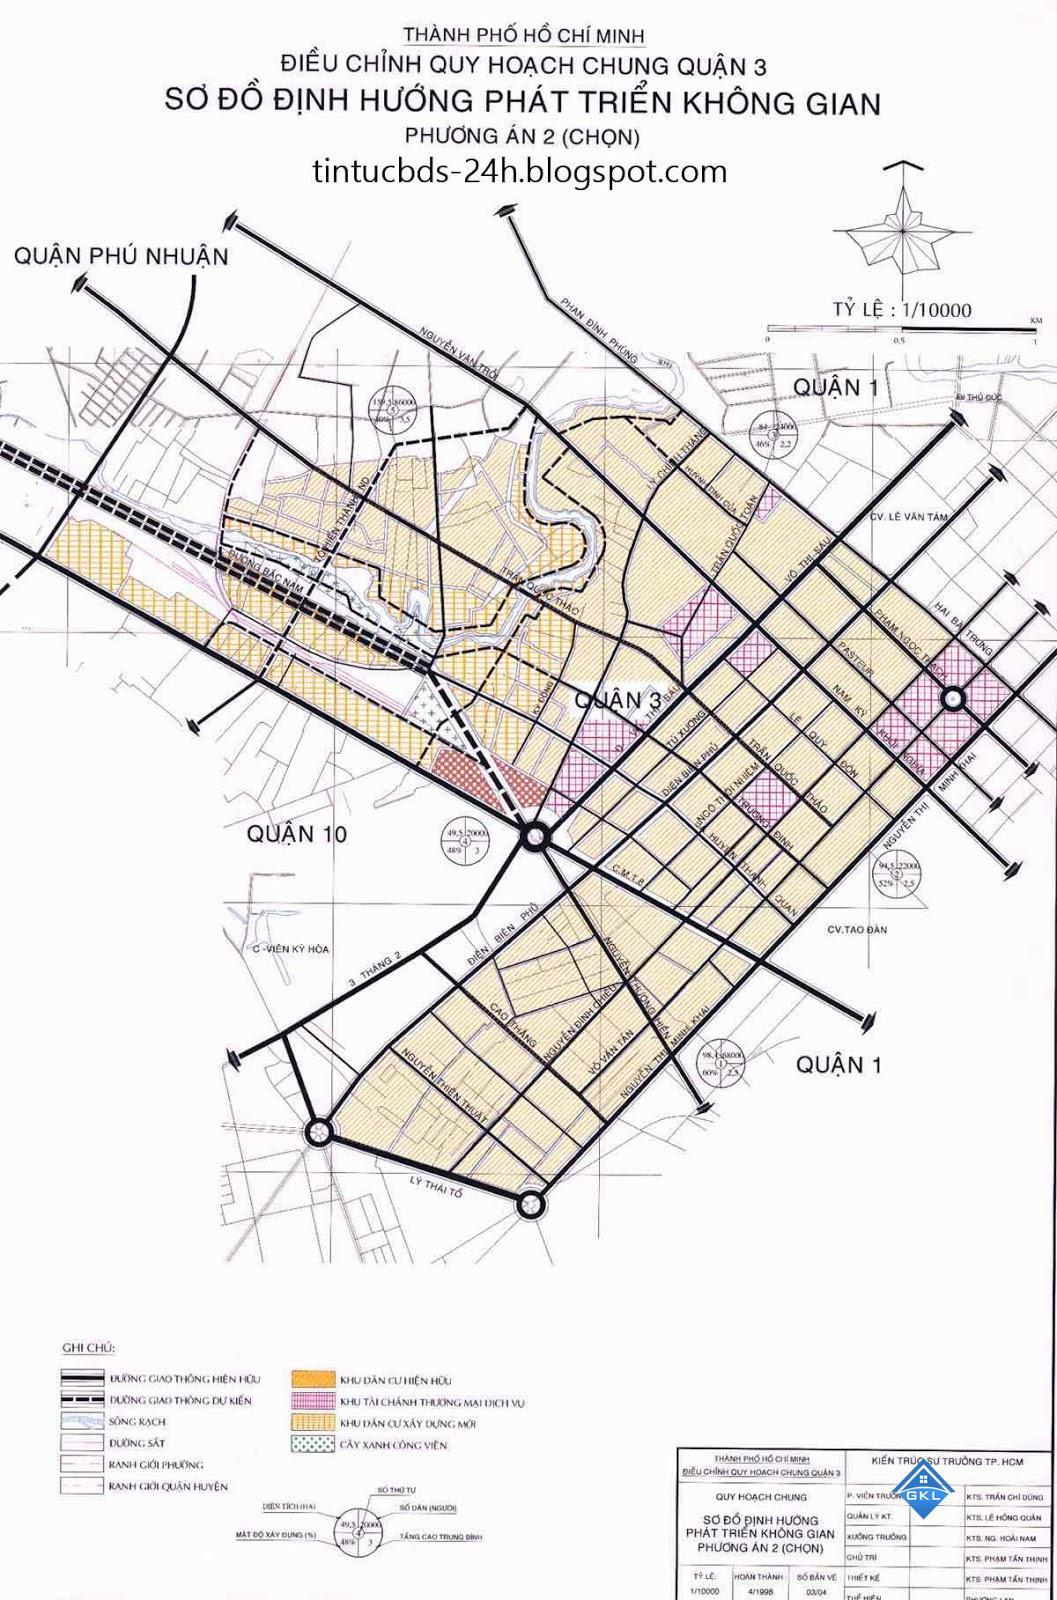 Điều chỉnh Quy hoạch chung Quận 3 đến năm 2020